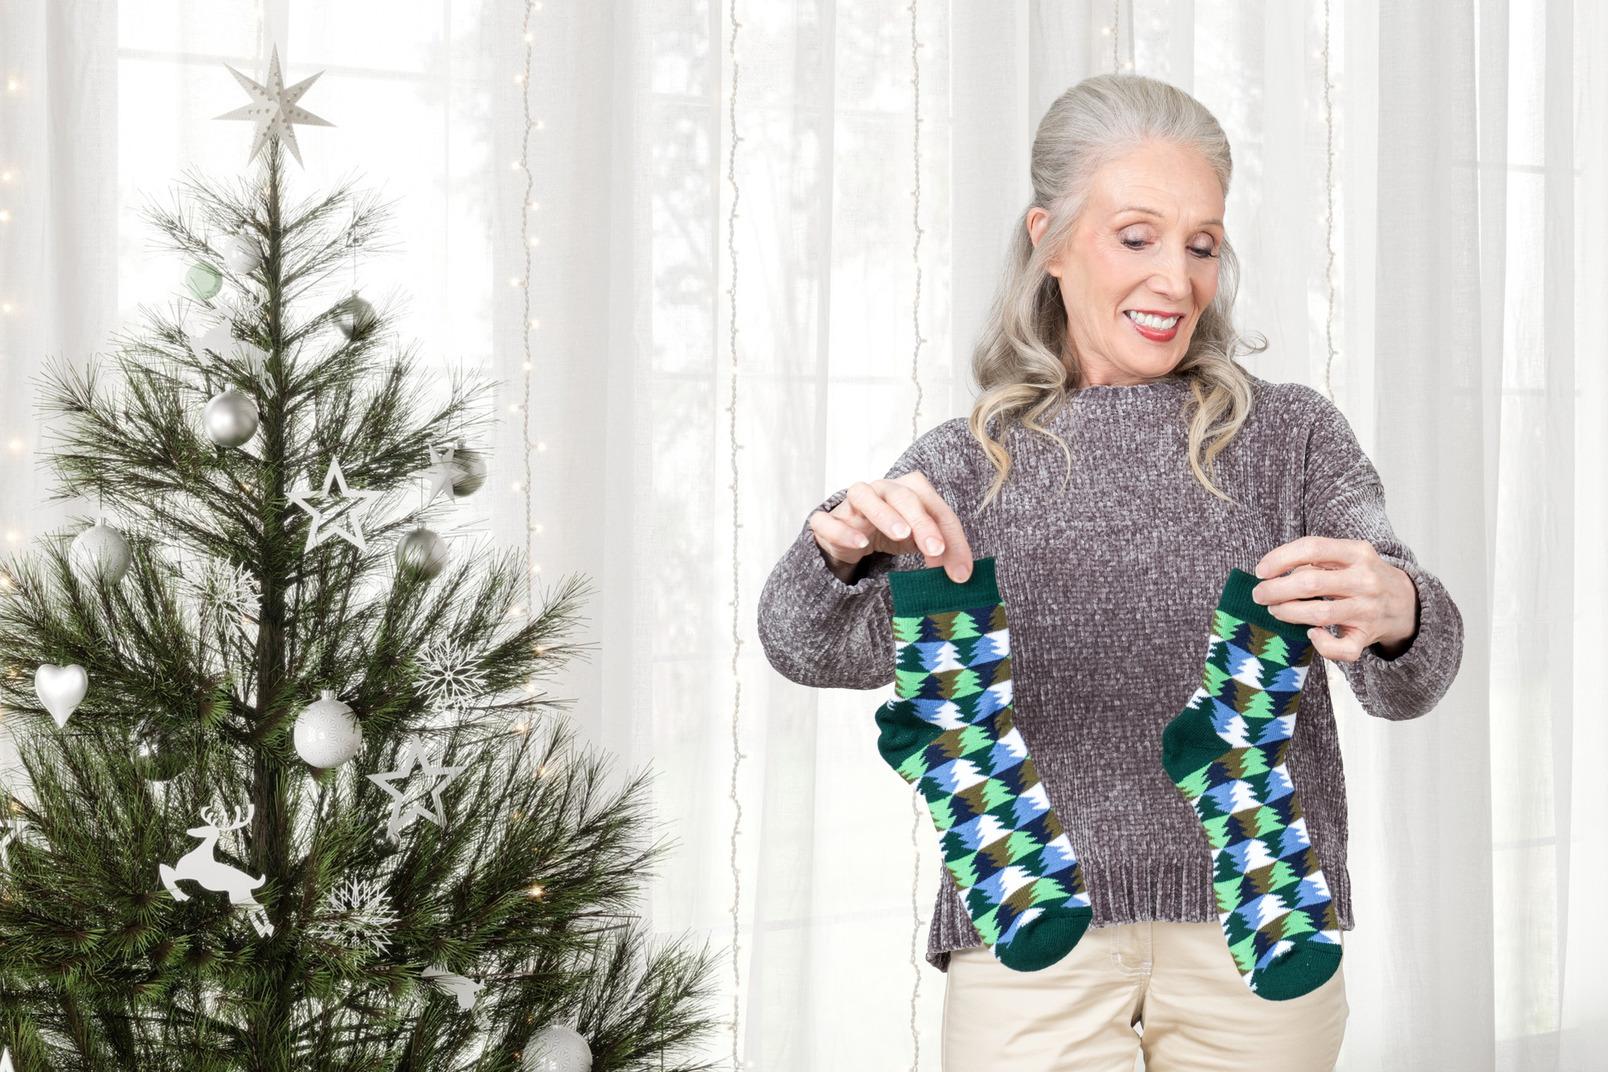 Alte frau bekam ausgezeichnete socken für weihnachten